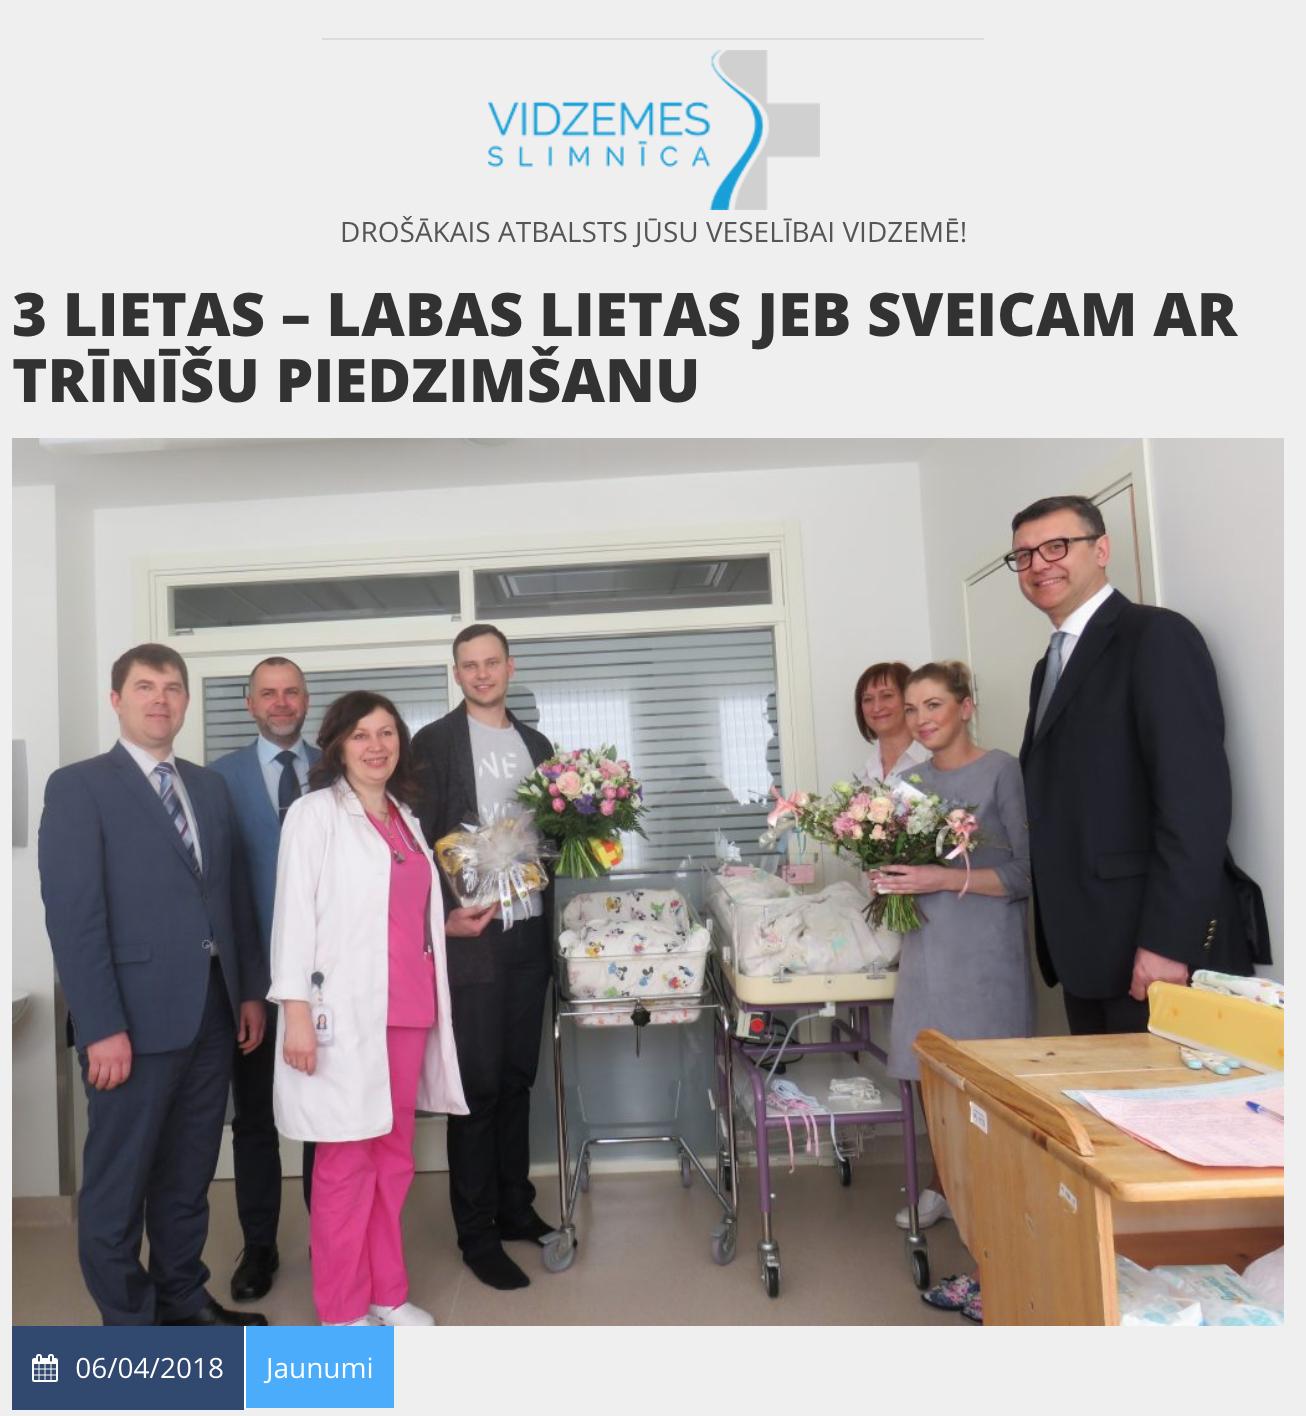 www.vidzemesslimnica.lv